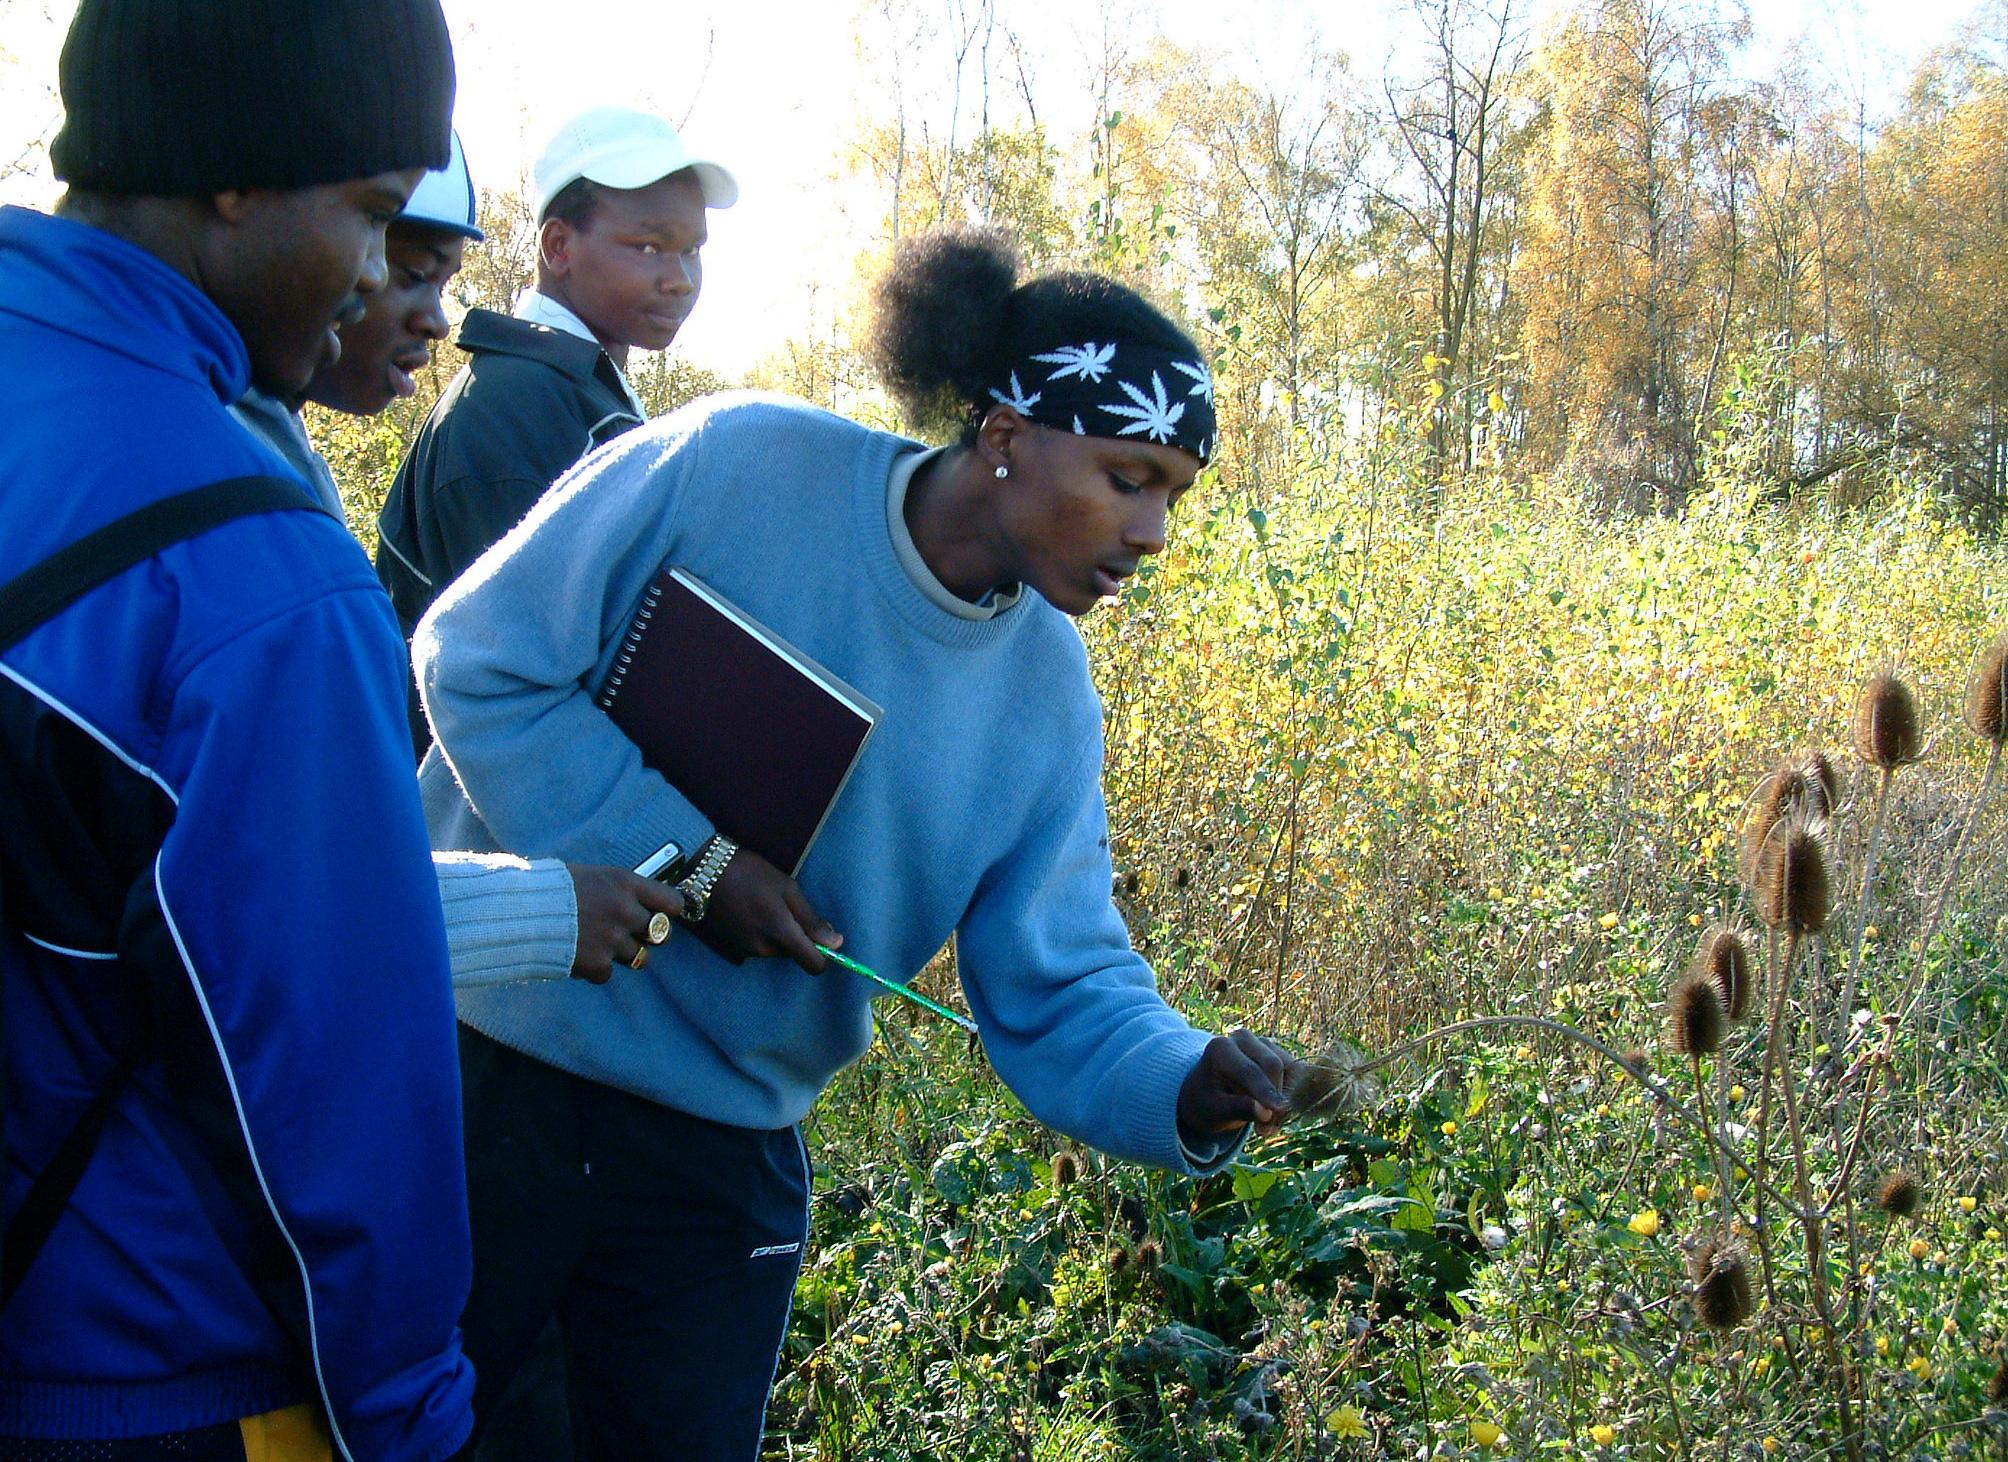 Investigating flora